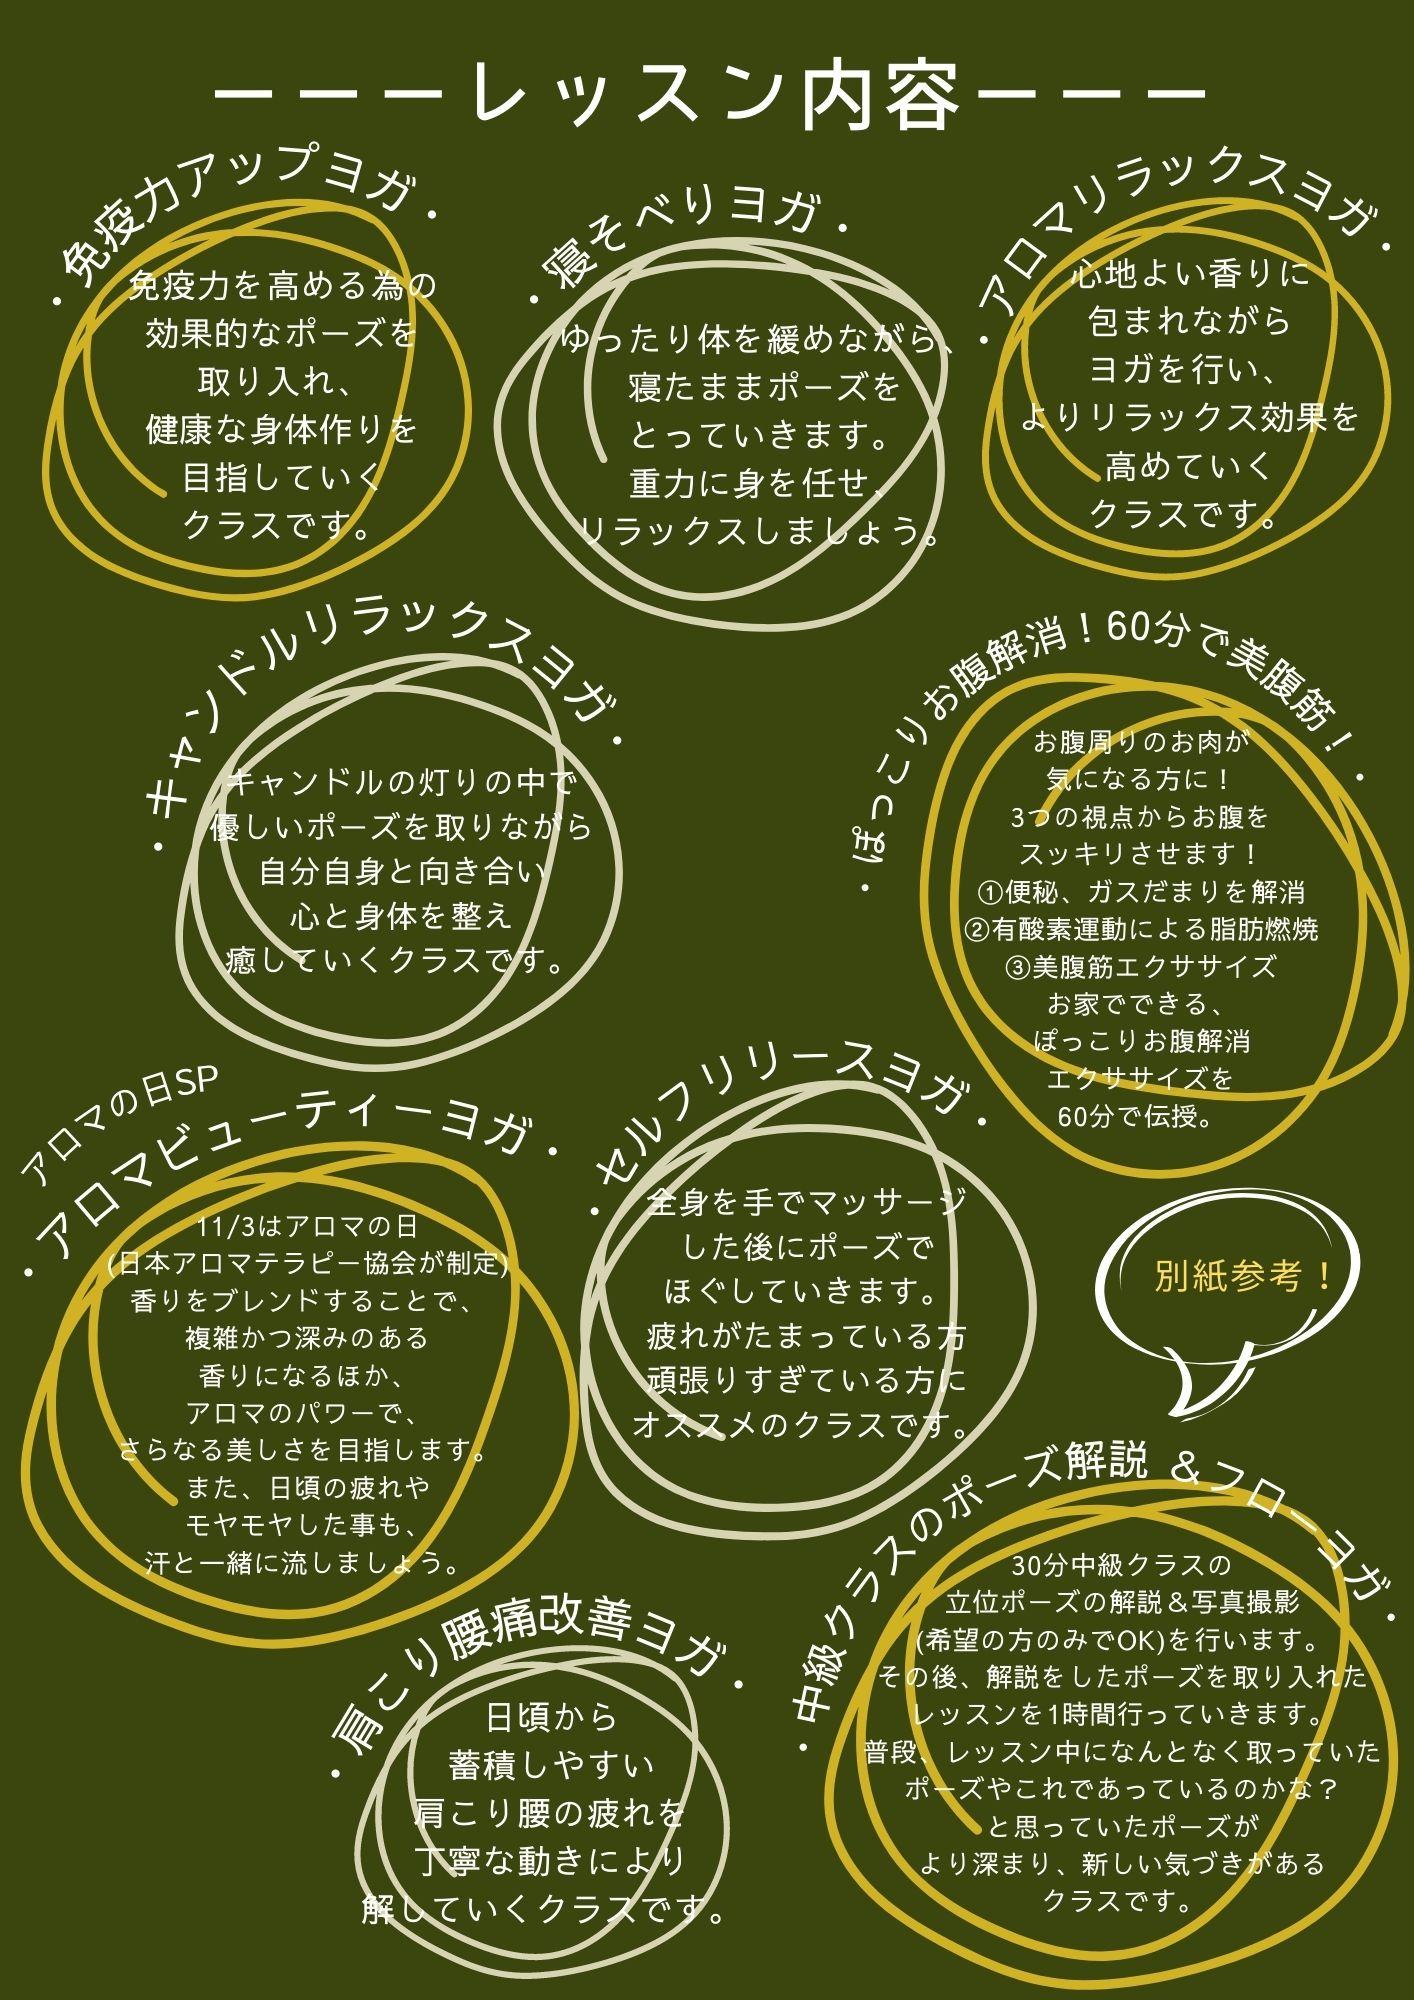 11月祝日プログラム (1)